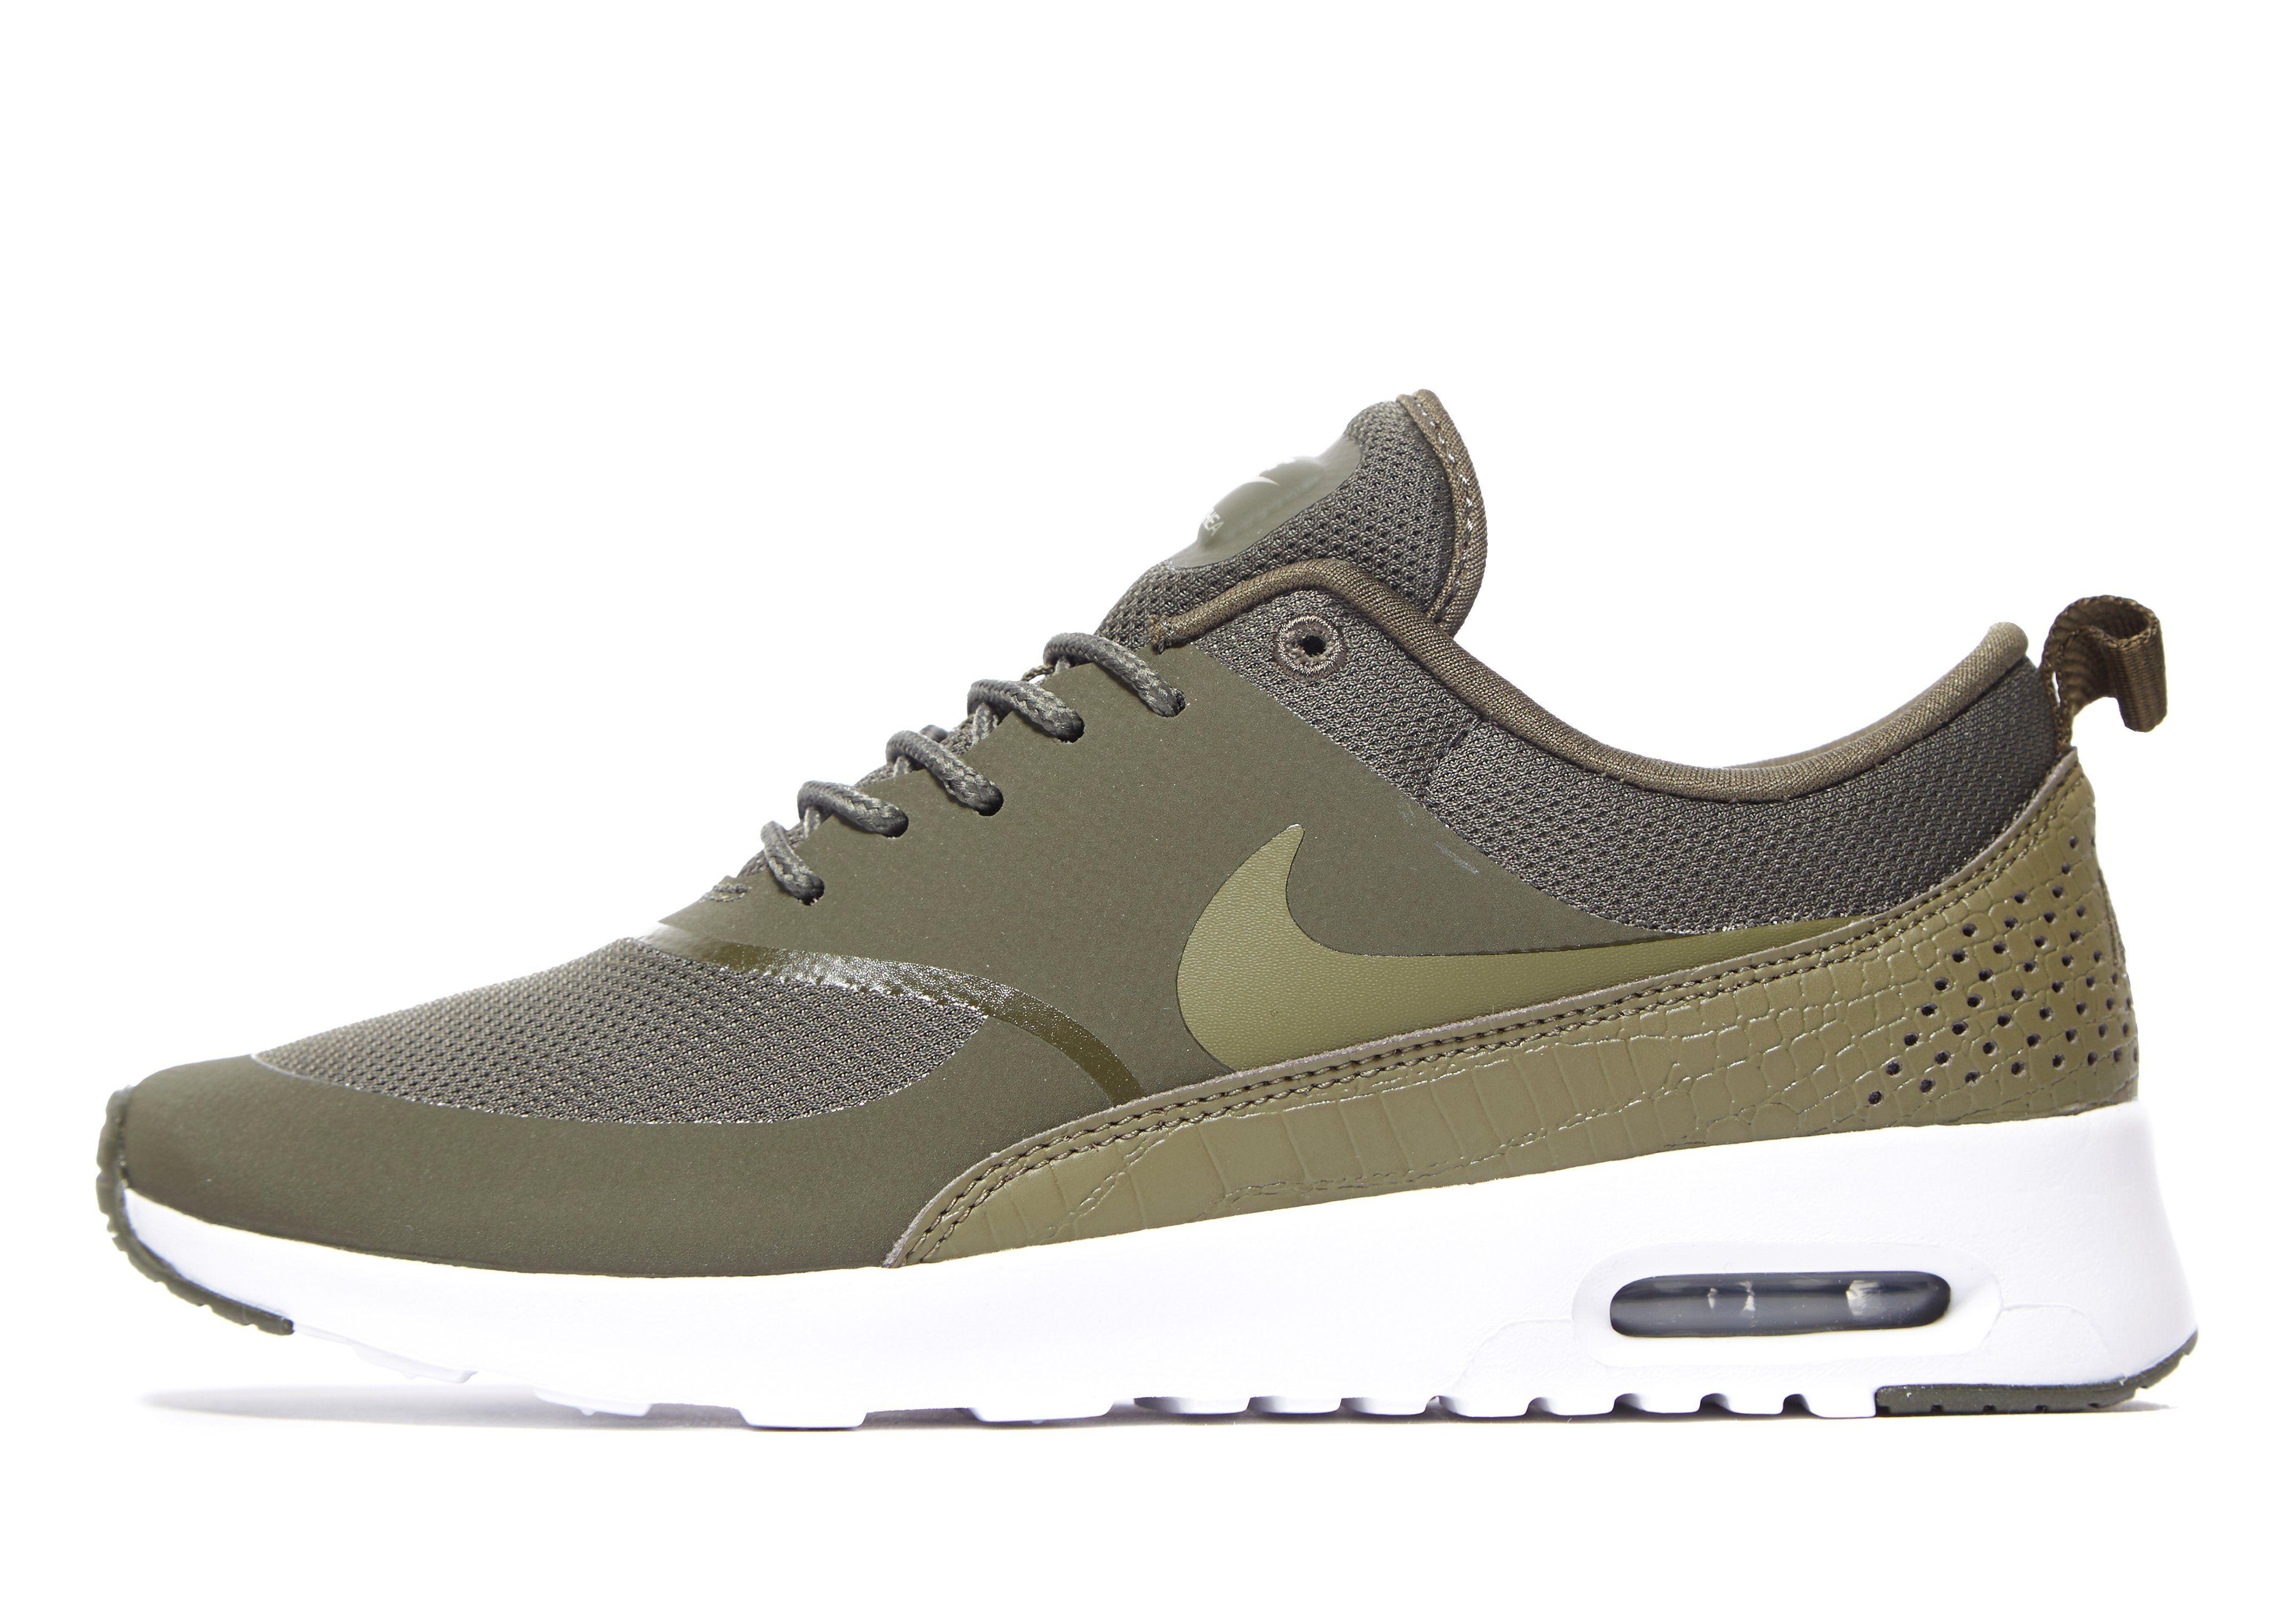 c23fb641c Nike Air Max Thea Women s